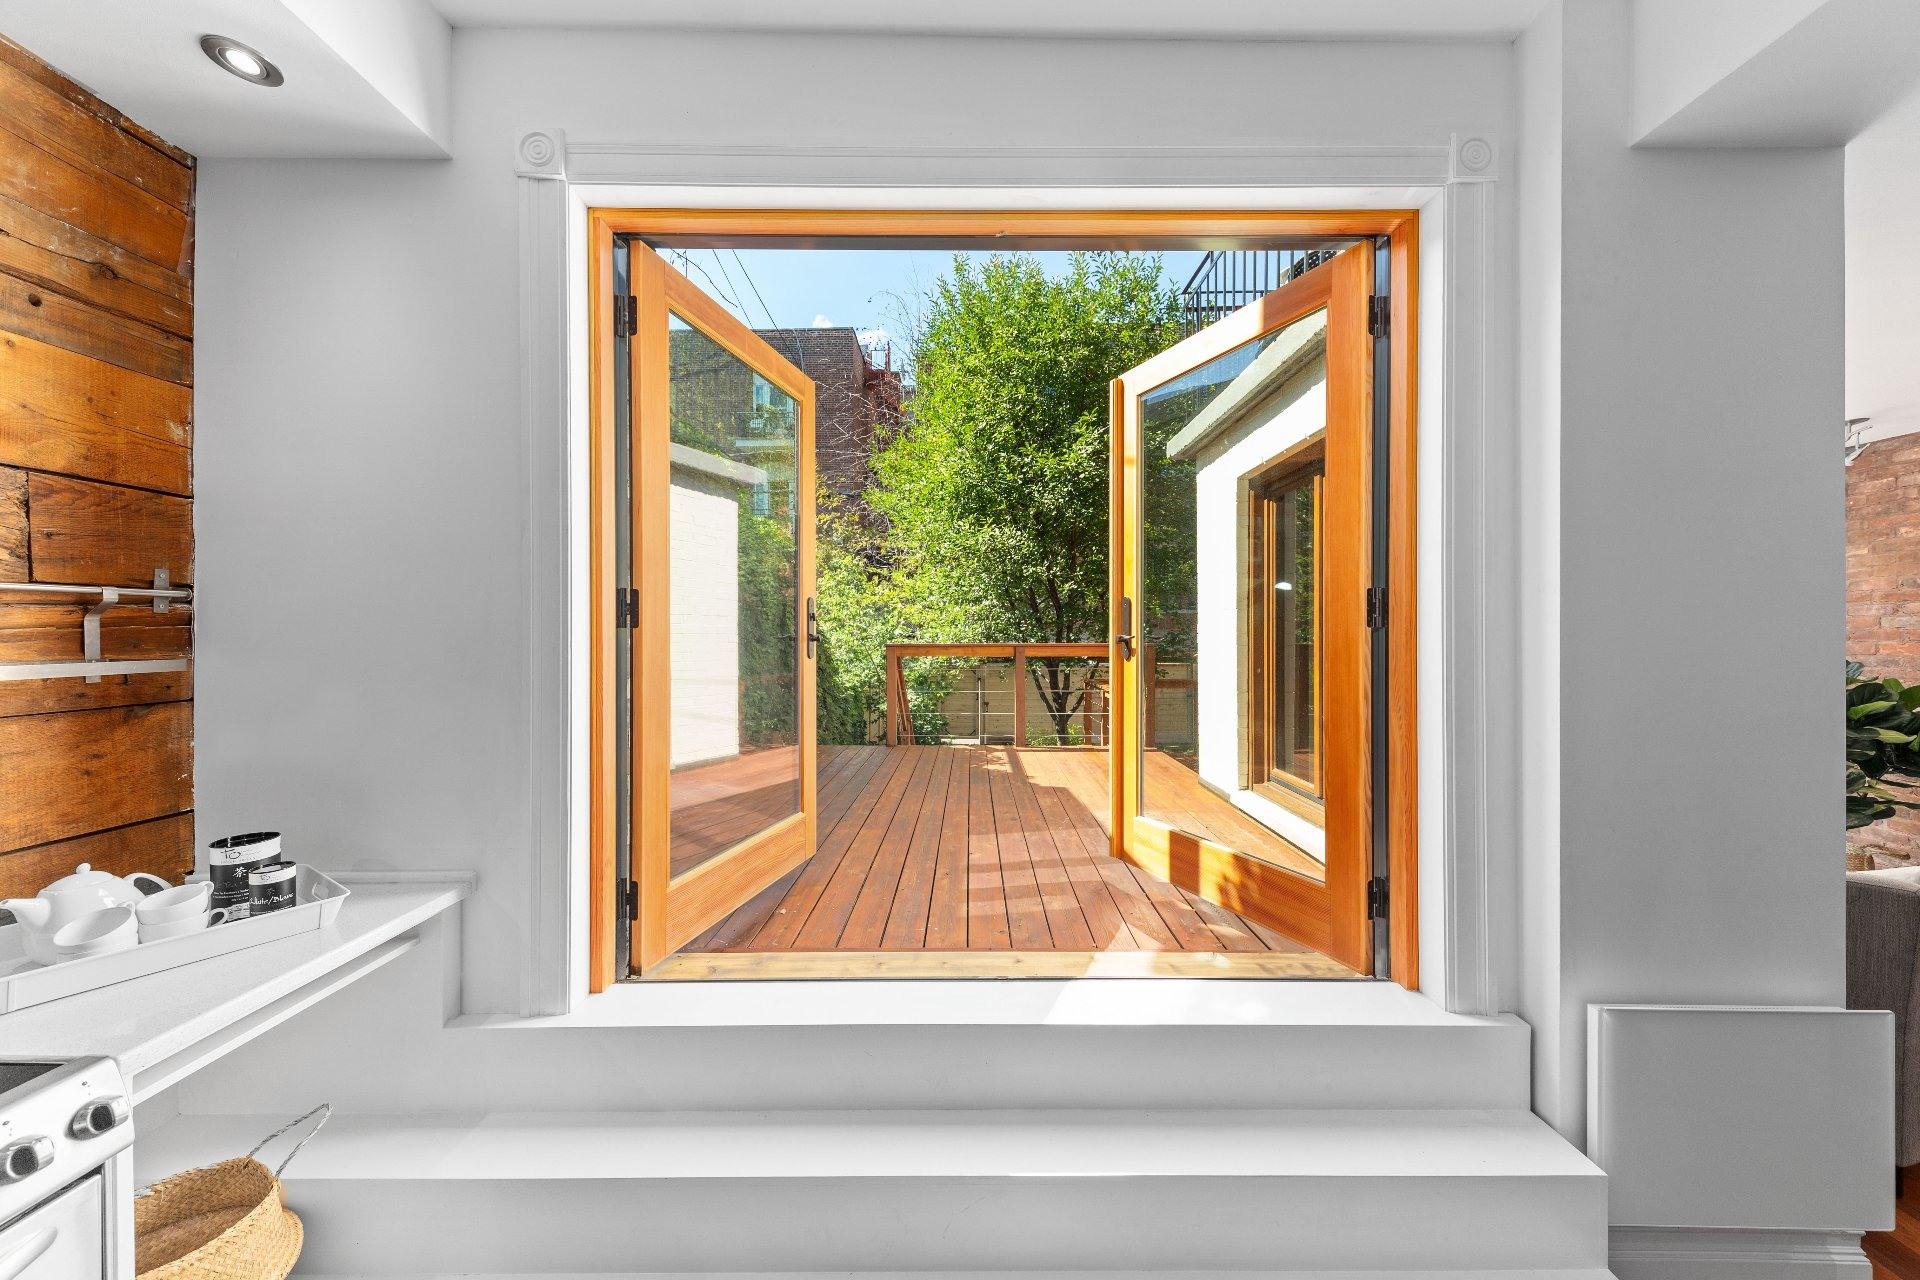 image 10 - Maison À vendre Le Plateau-Mont-Royal Montréal  - 18 pièces